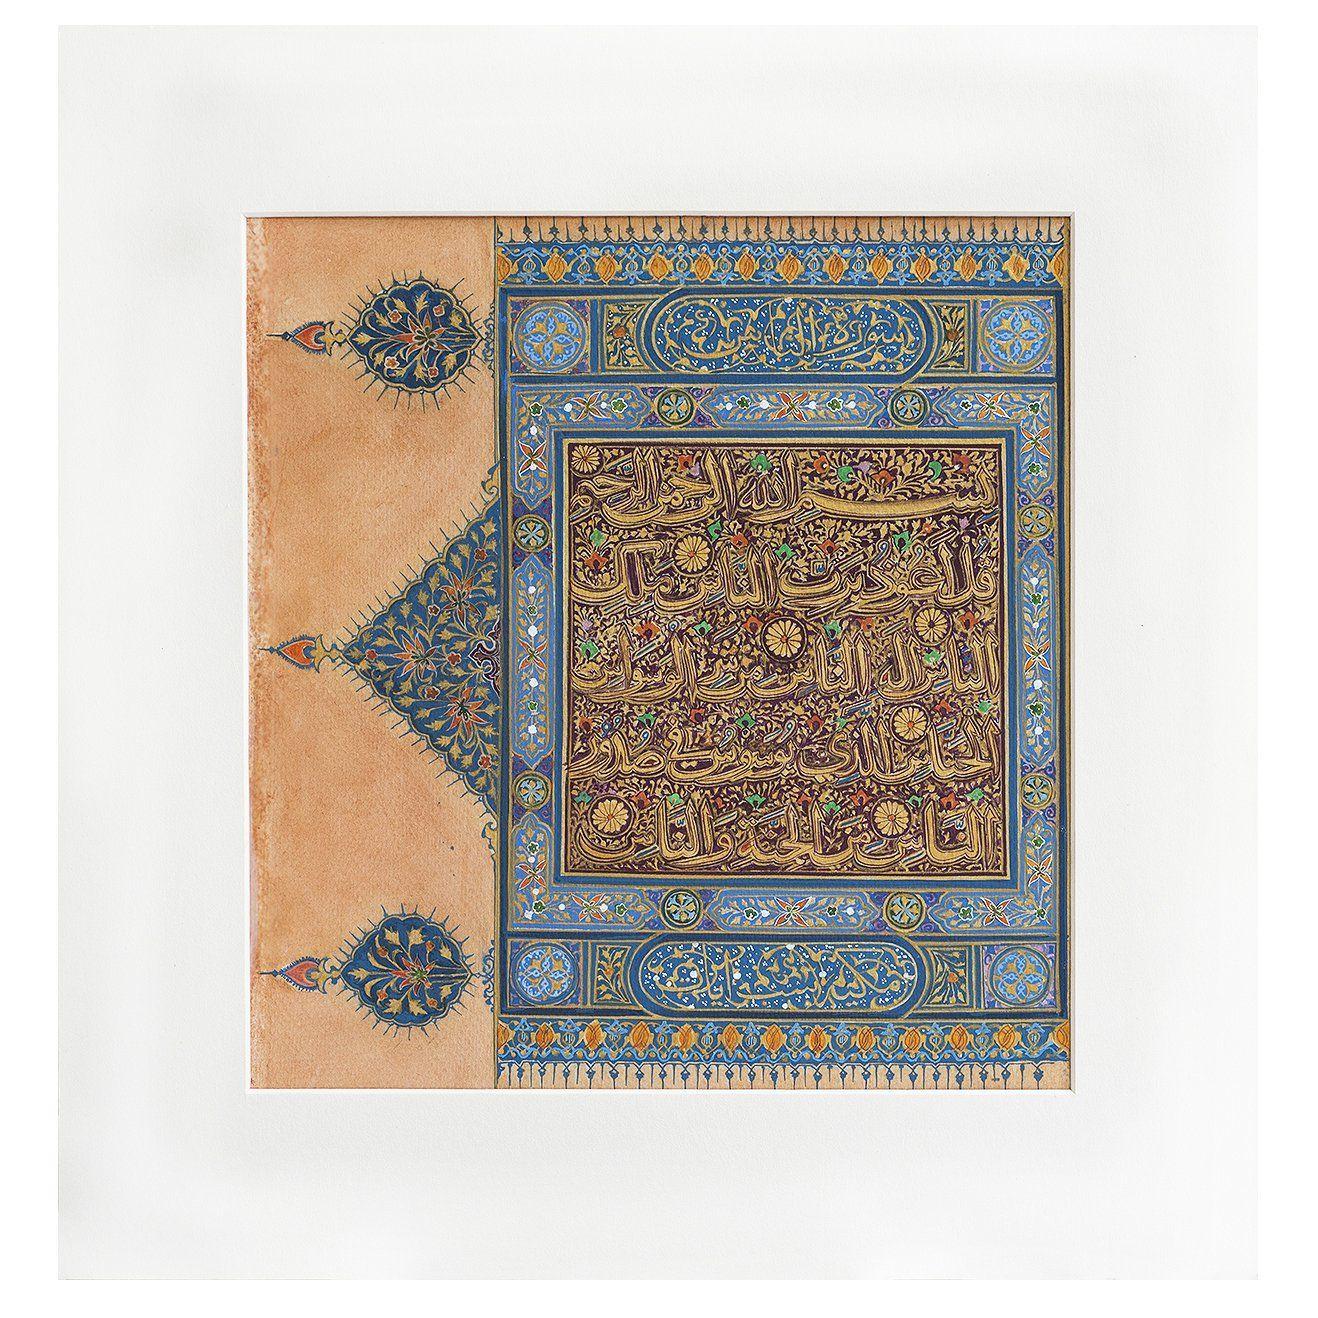 Illuminated Qur'an Leaf - Surah An-Nas : Islamic